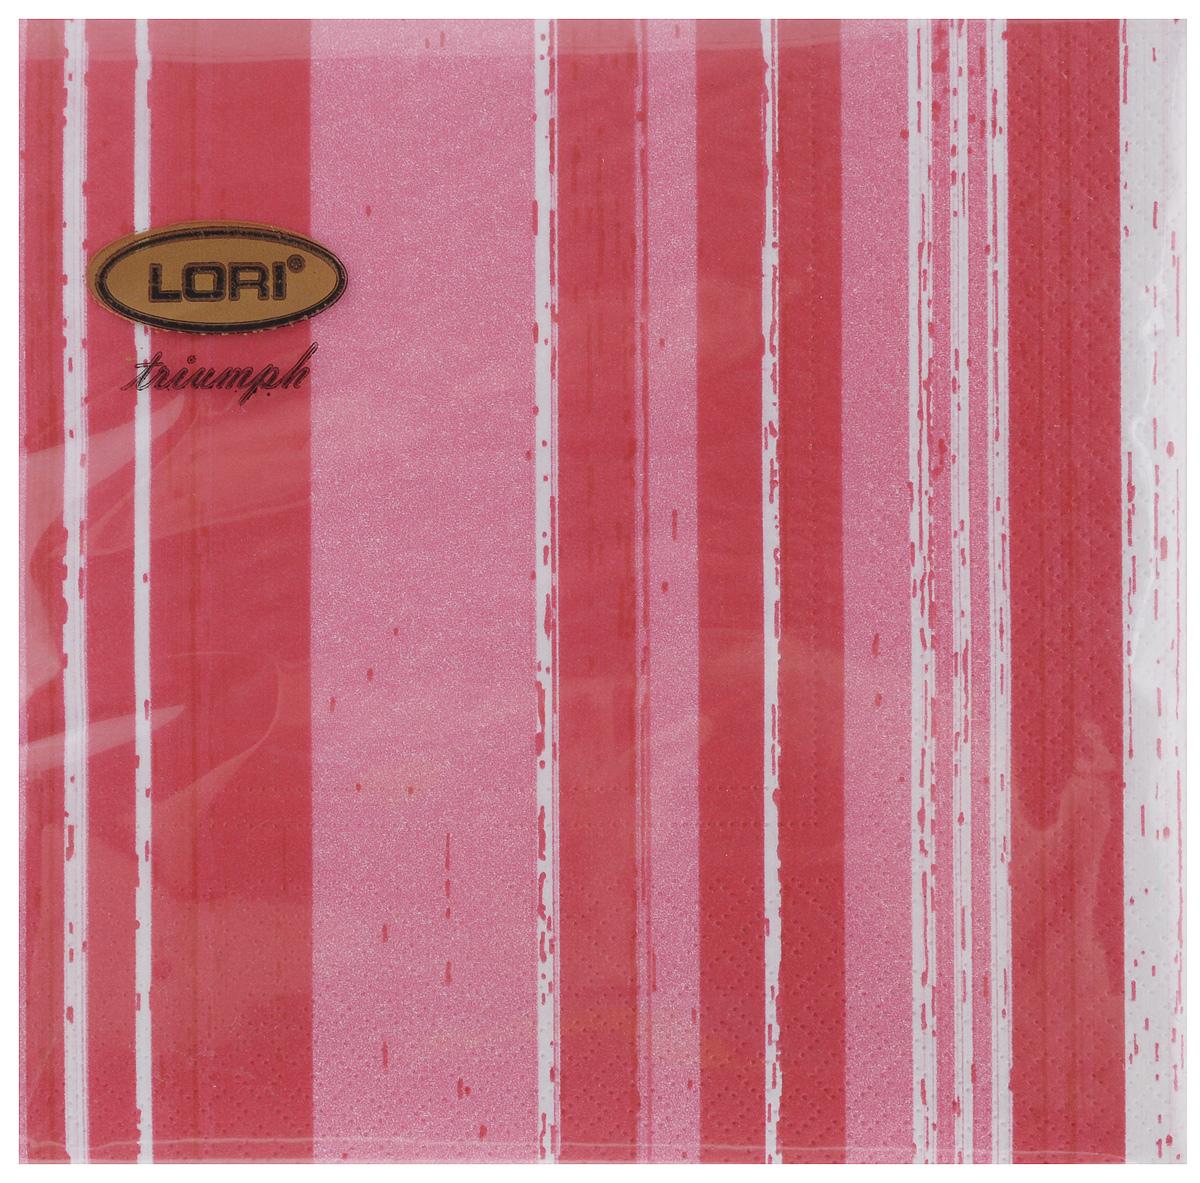 Салфетки бумажные Lori Triumph Полоски, трехслойные, цвет: красный, белый, 33 х 33 см, 20 шт56057Декоративные трехслойные салфетки Lori Triumph Полоски выполнены из 100% целлюлозы и оформлены ярким рисунком. Изделия станут отличным дополнением любого праздничного стола. Они отличаются необычной мягкостью, прочностью и оригинальностью.Размер салфеток в развернутом виде: 33 х 33 см.